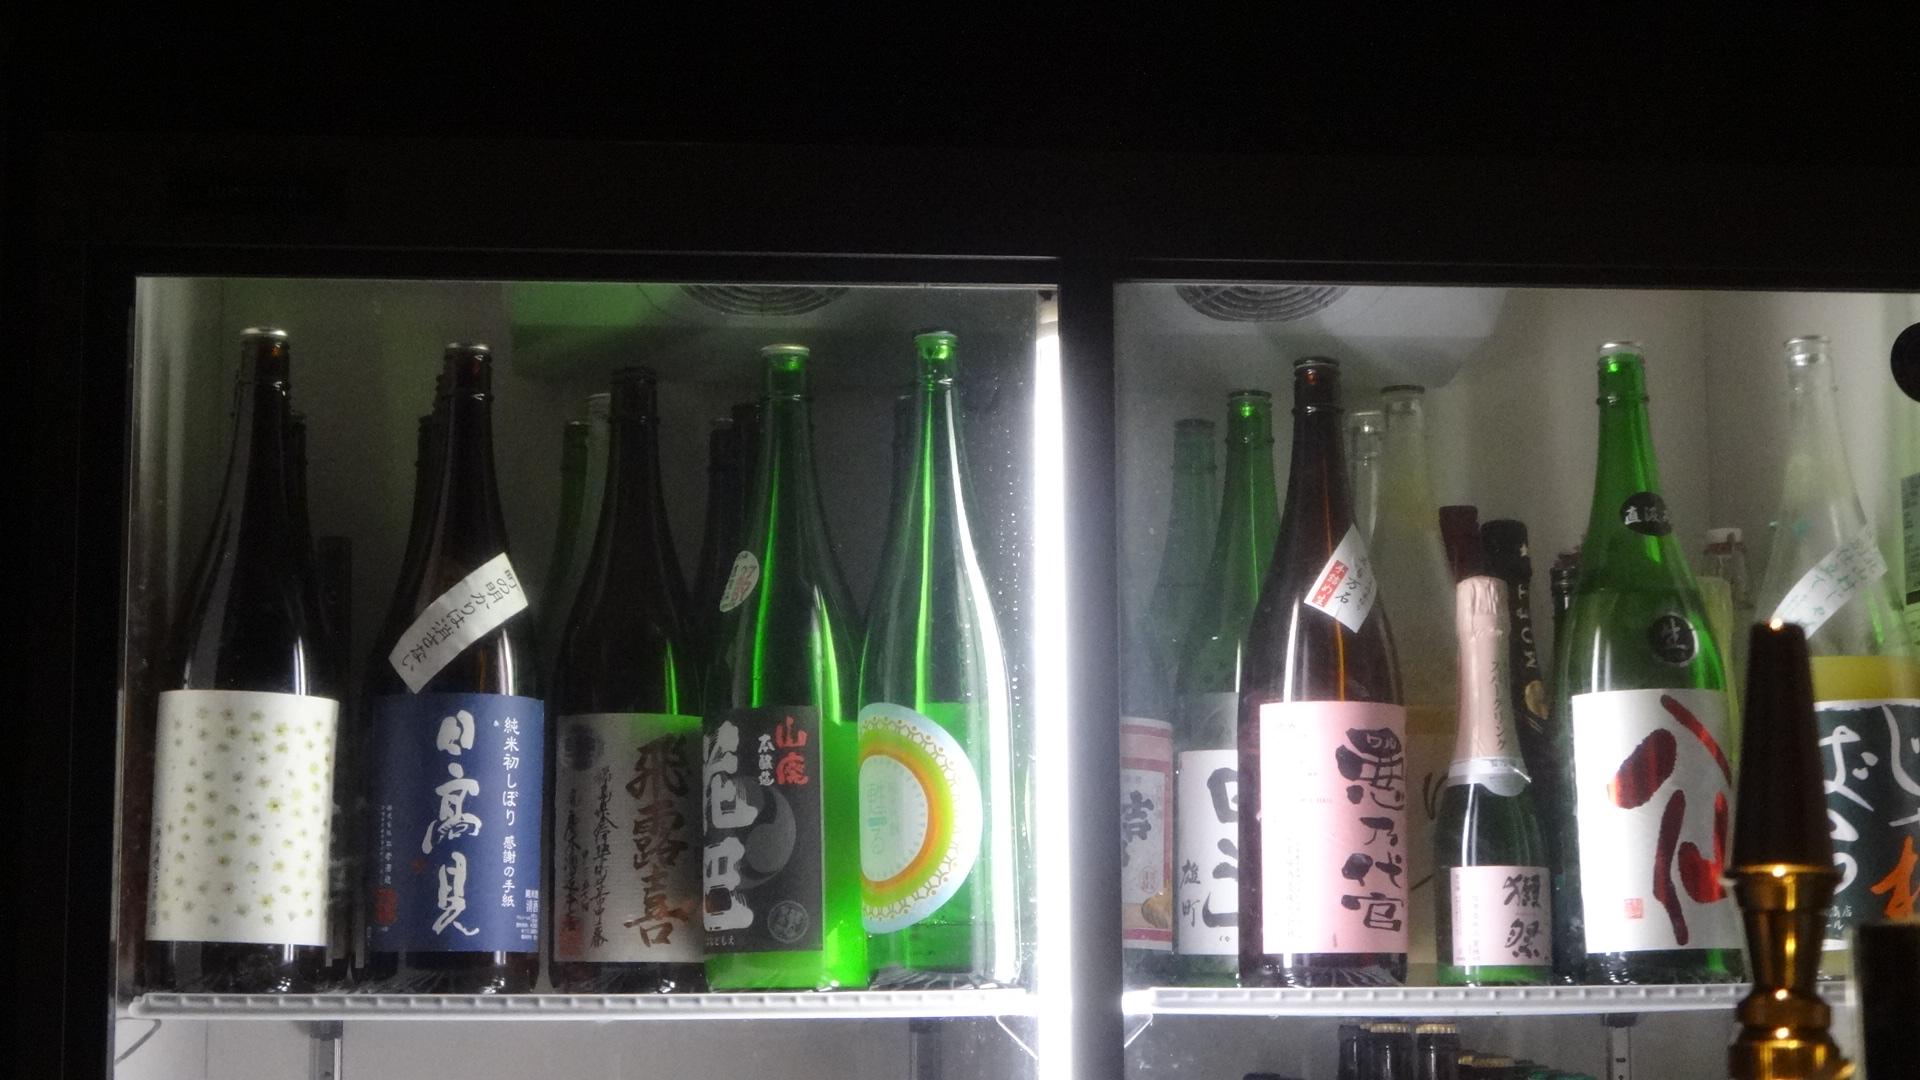 冷蔵庫に並ぶたくさんの一升瓶